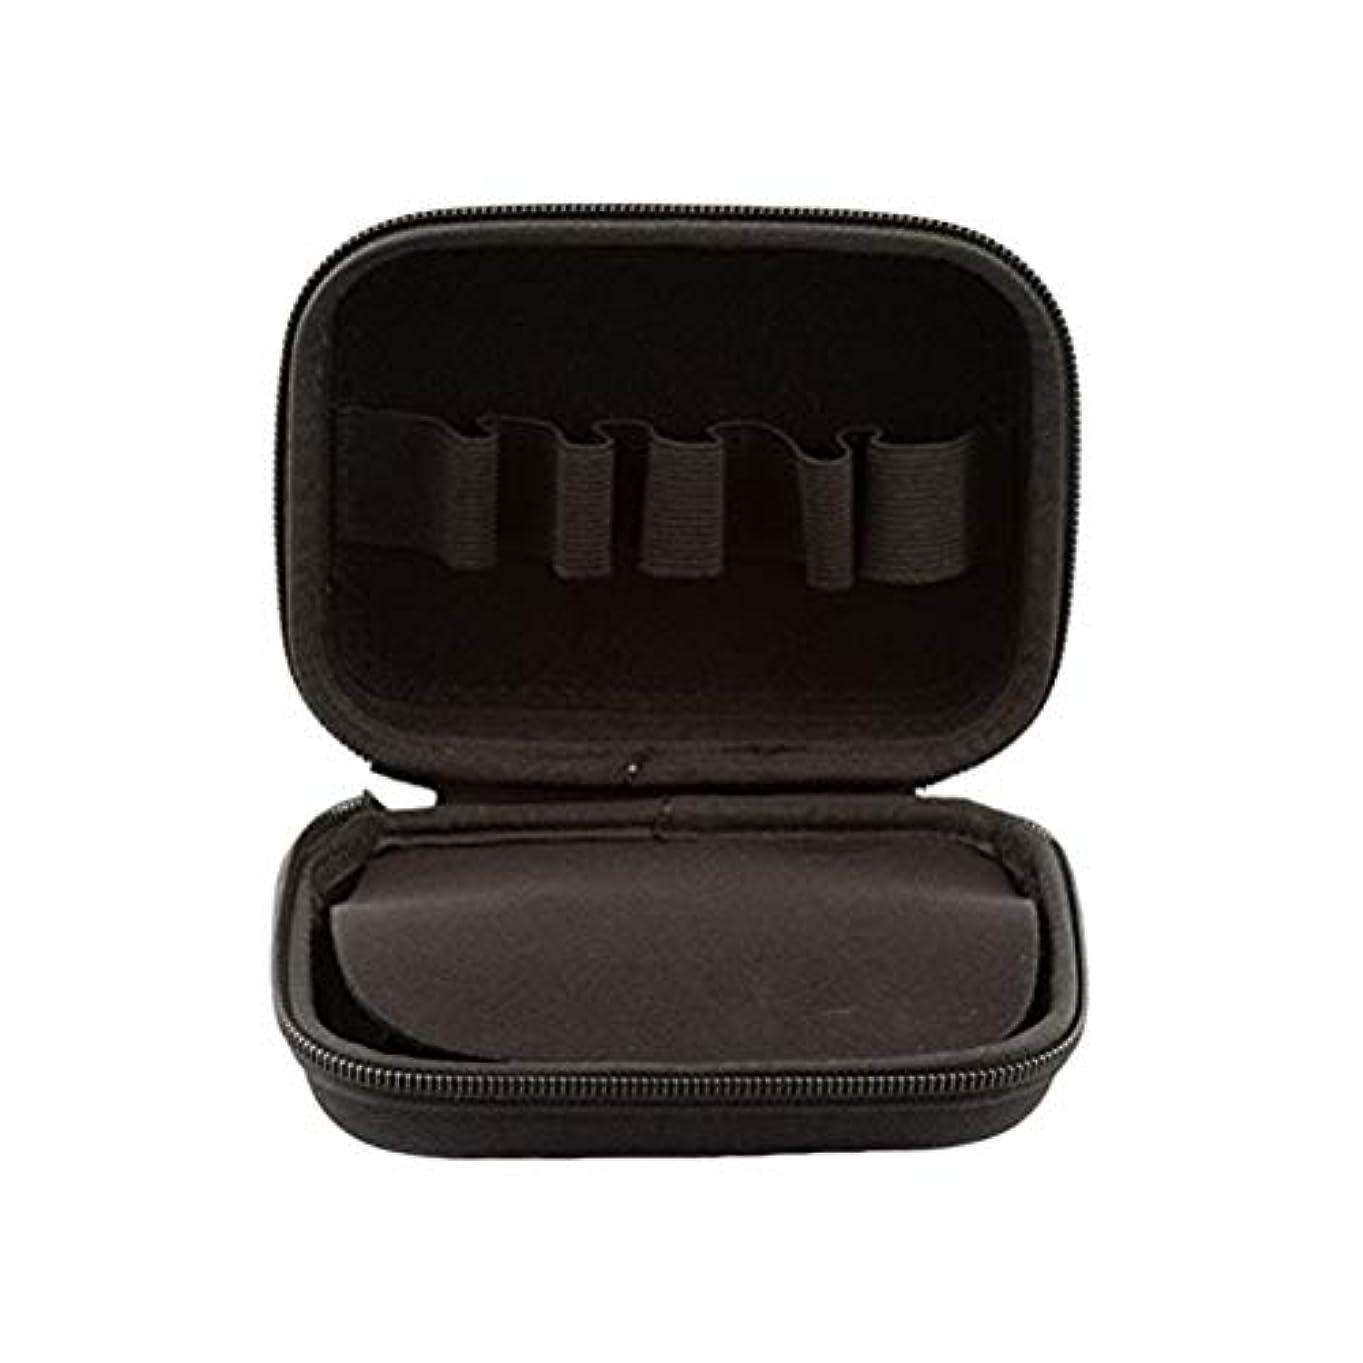 重要性分割取り囲むSUPVOX エッセンシャルオイルトラベルボックス10ボトルエッセンシャルオイル収納ケース持ち運び可能なトラベルホルダーオーガナイザー(ブラック)